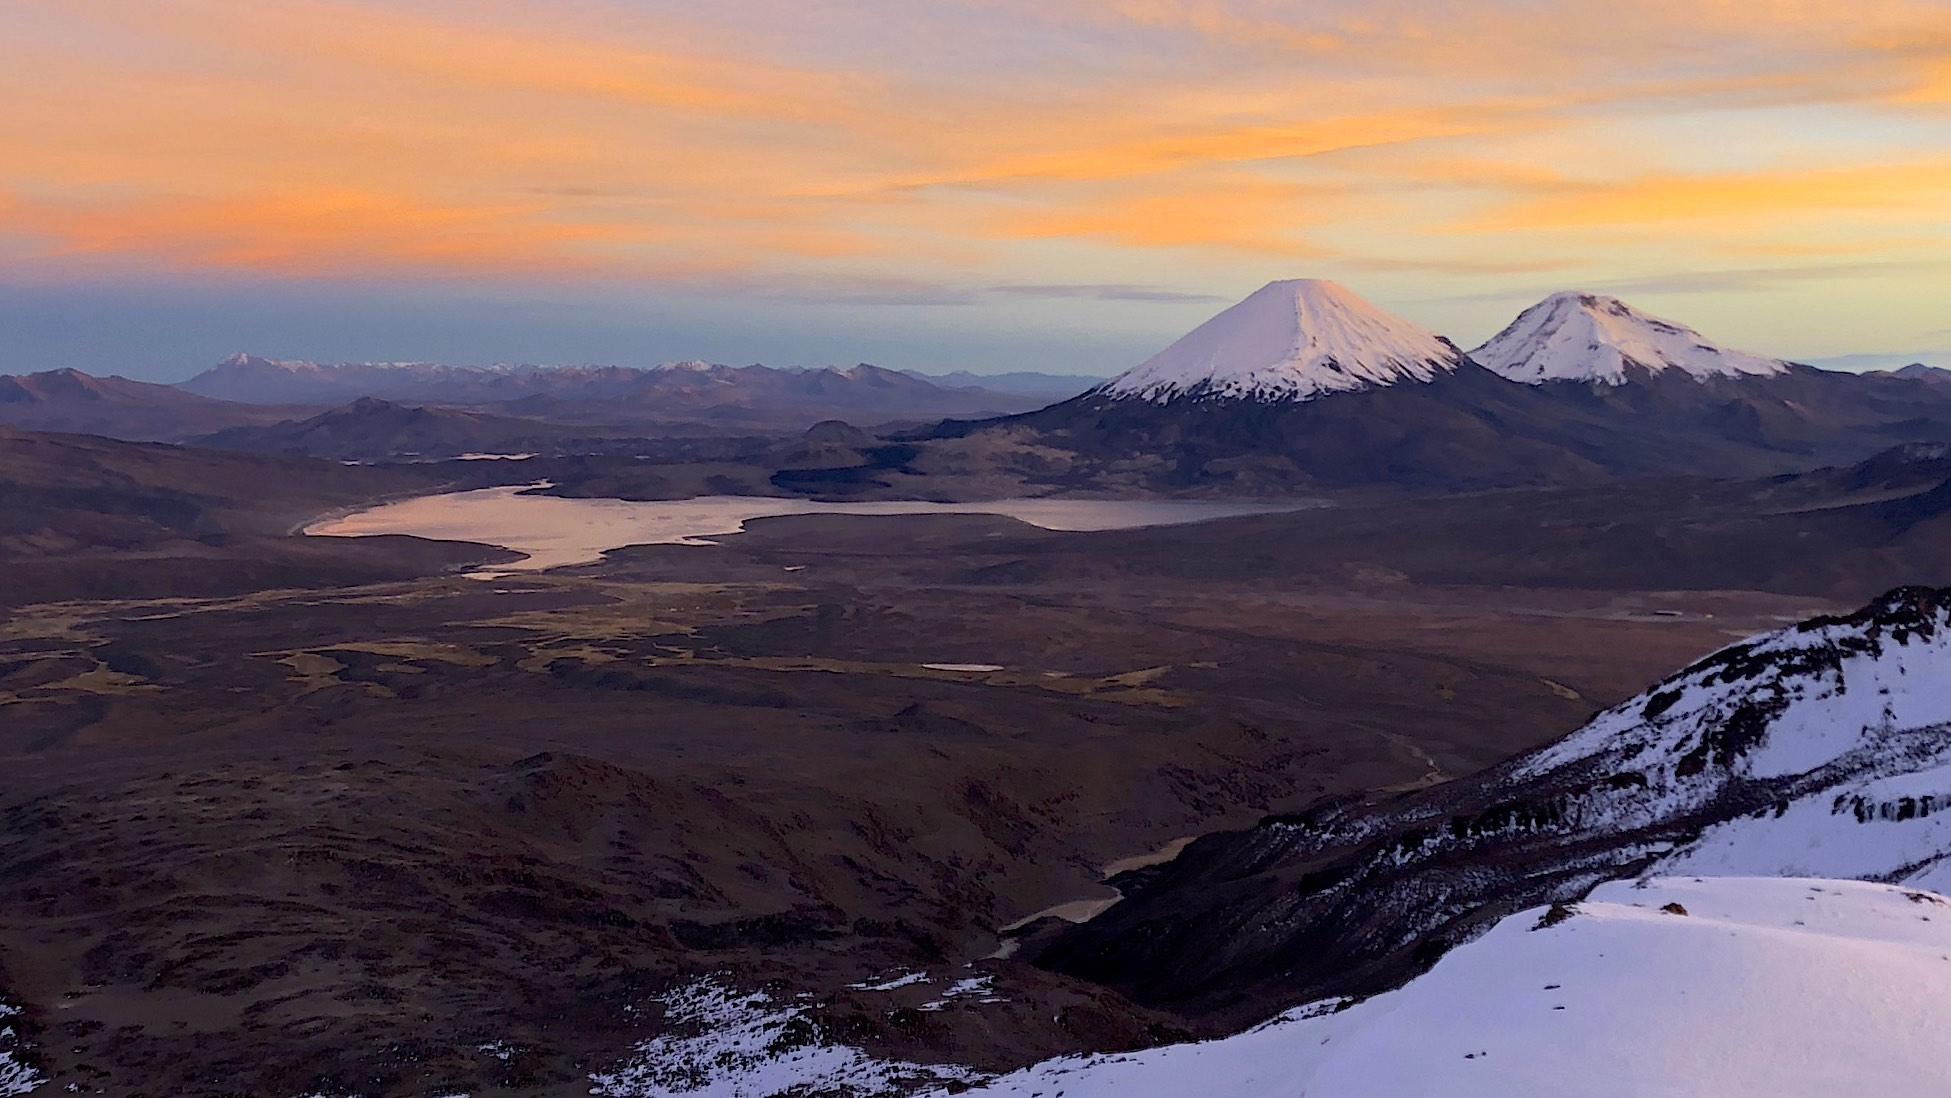 Volcanoes Parinacota and Pomerade and Chungara Lake in Chile from Acotango